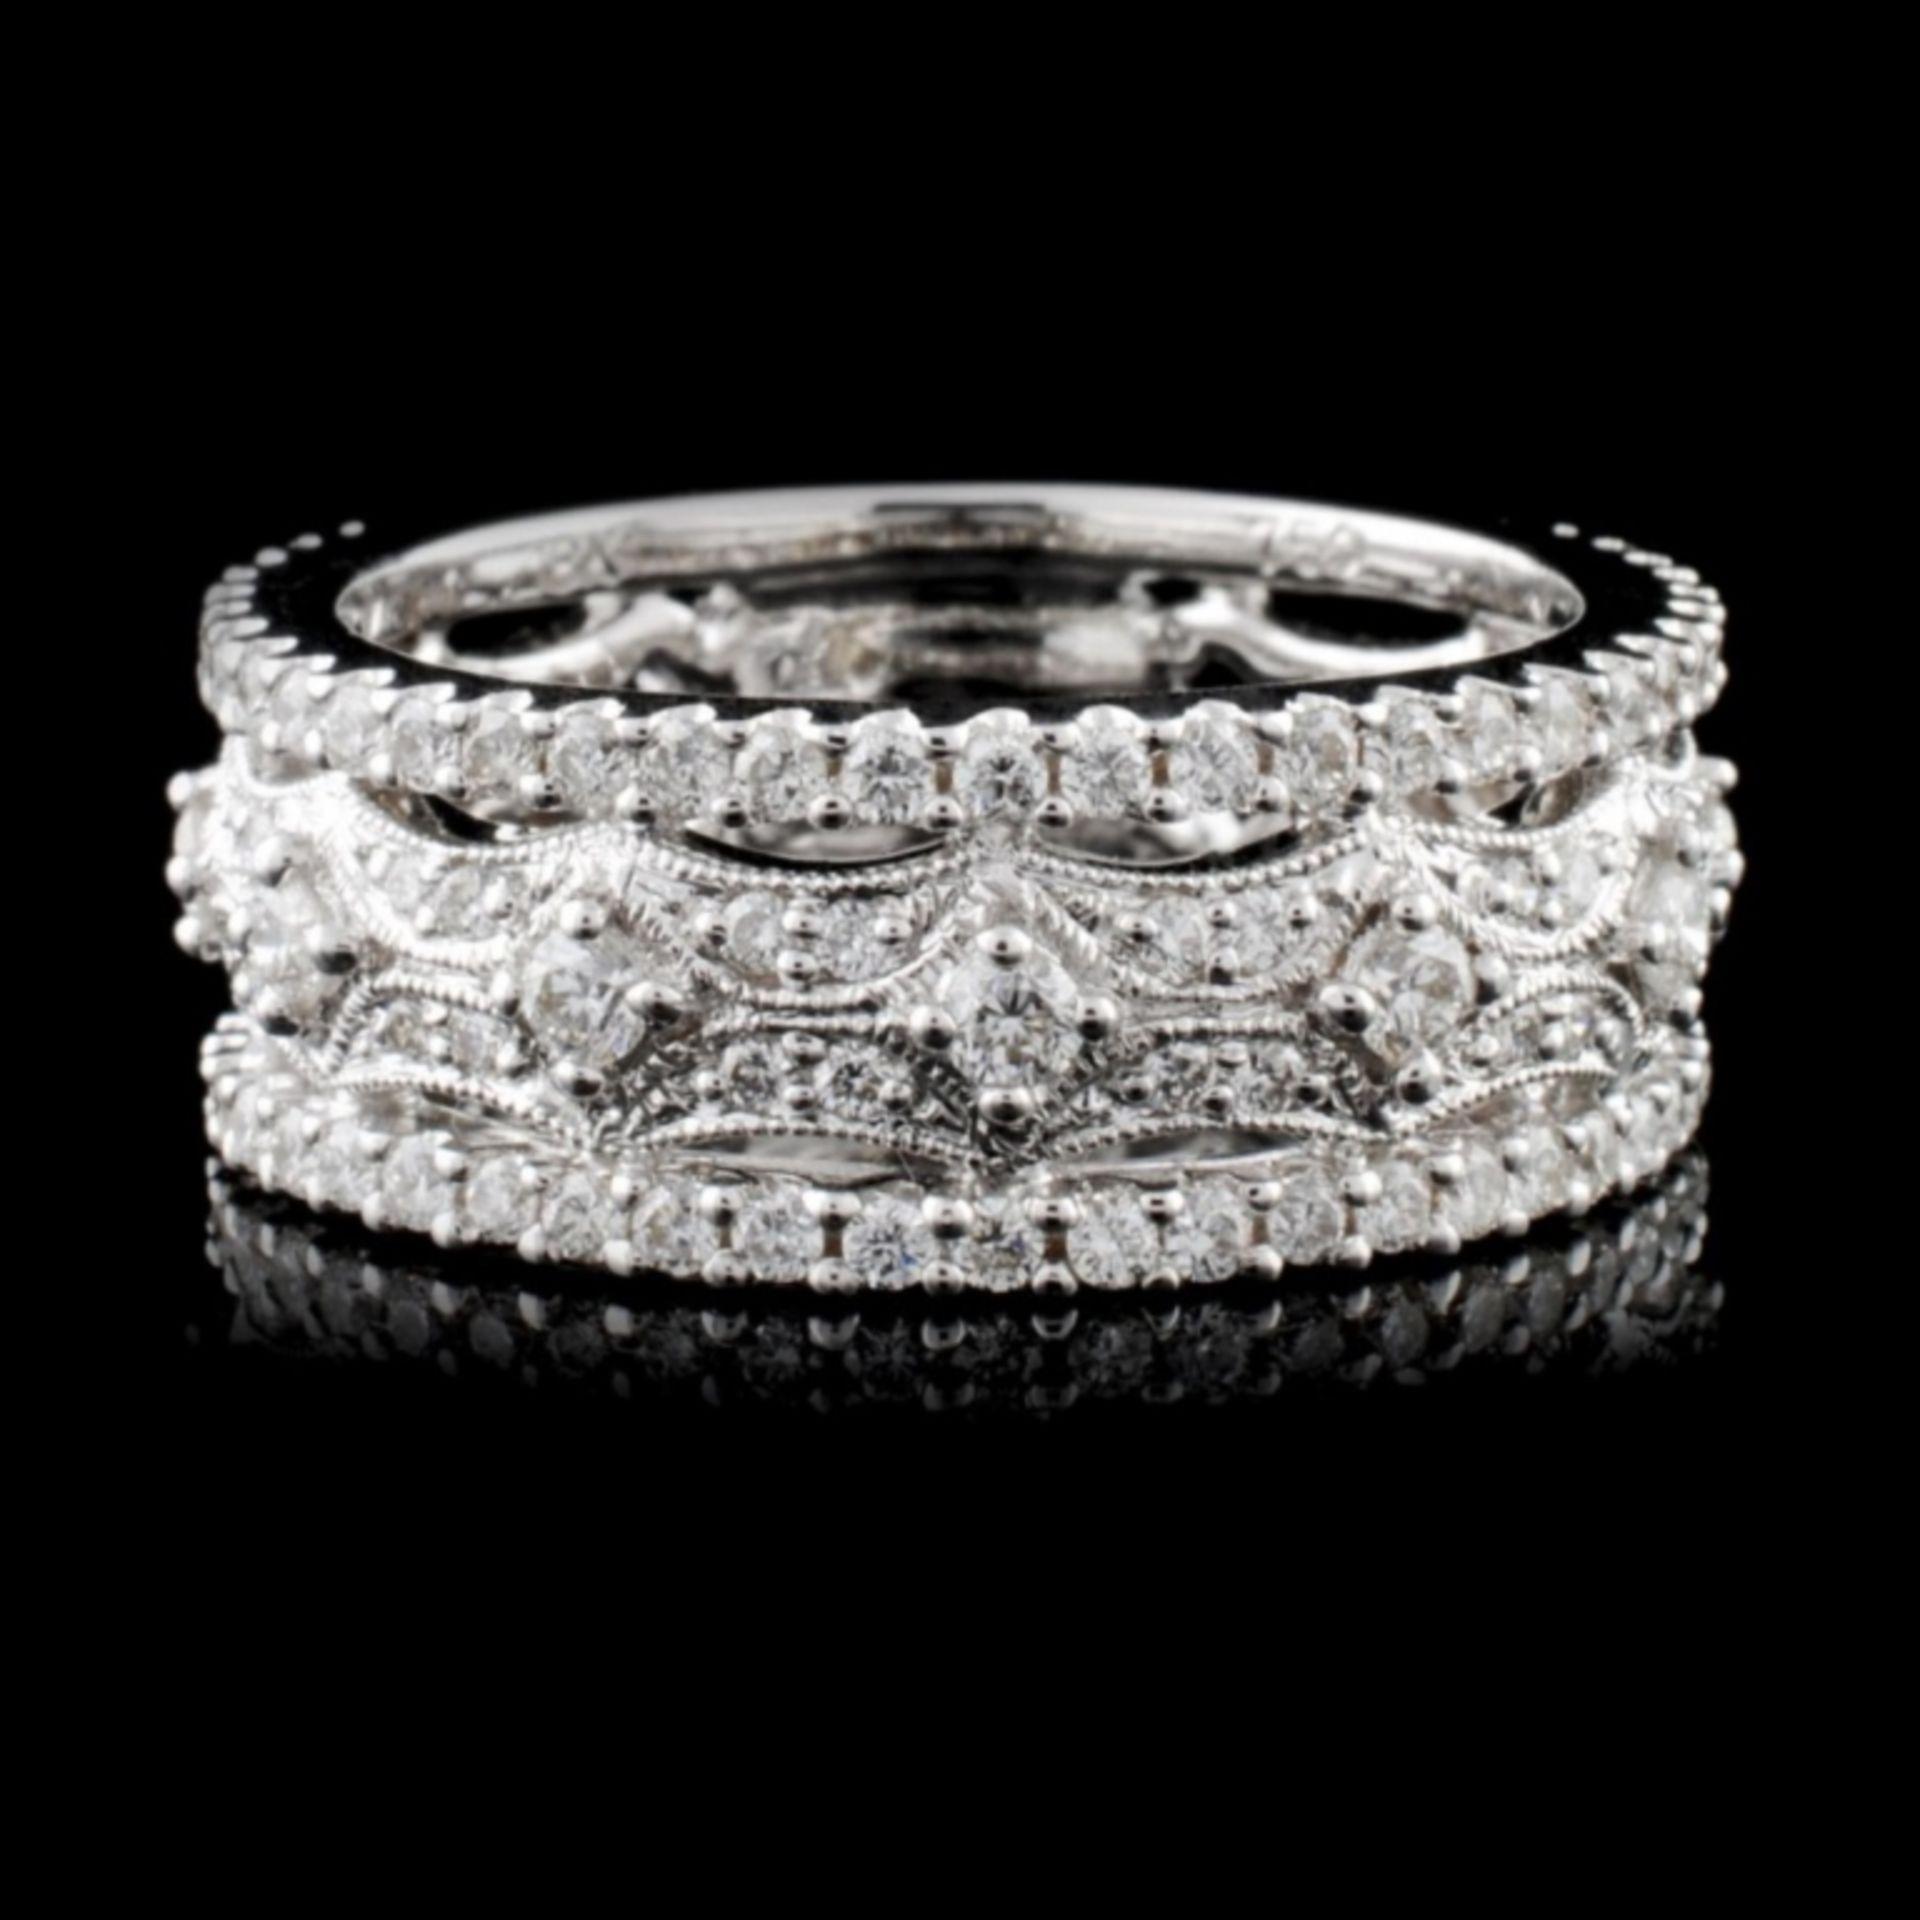 18K White Gold 1.03ct Diamond Ring - Image 2 of 4